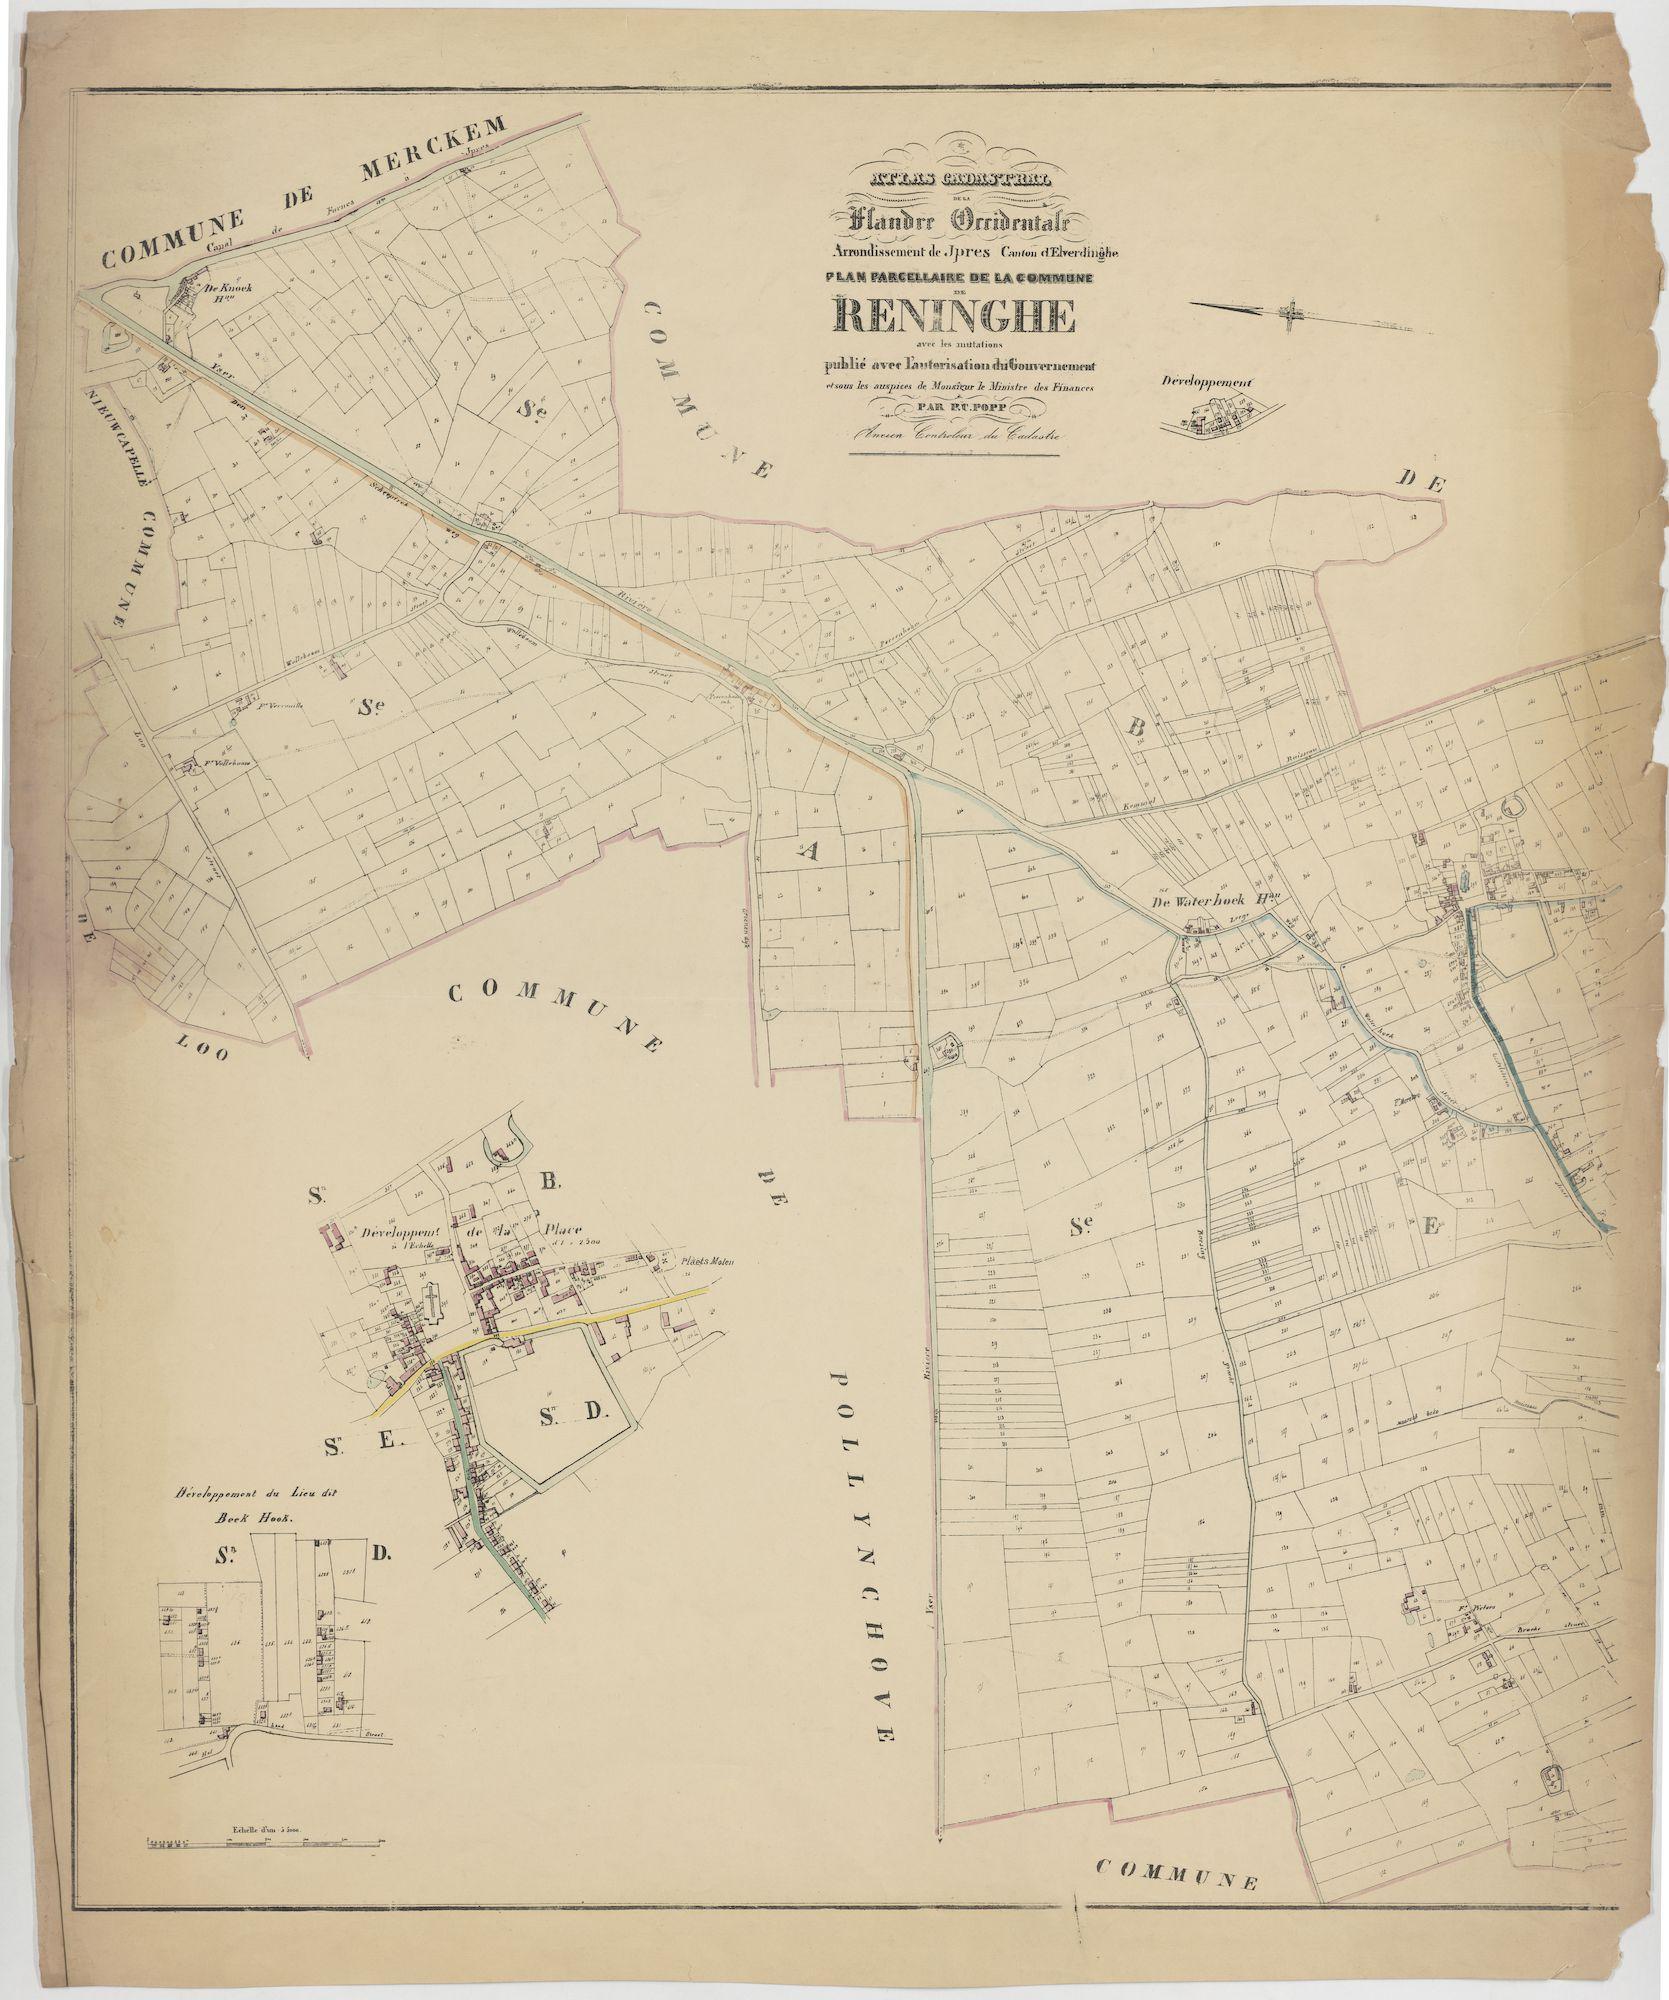 Westflandrica - Poppkaart van de gemeente Reninge (1)